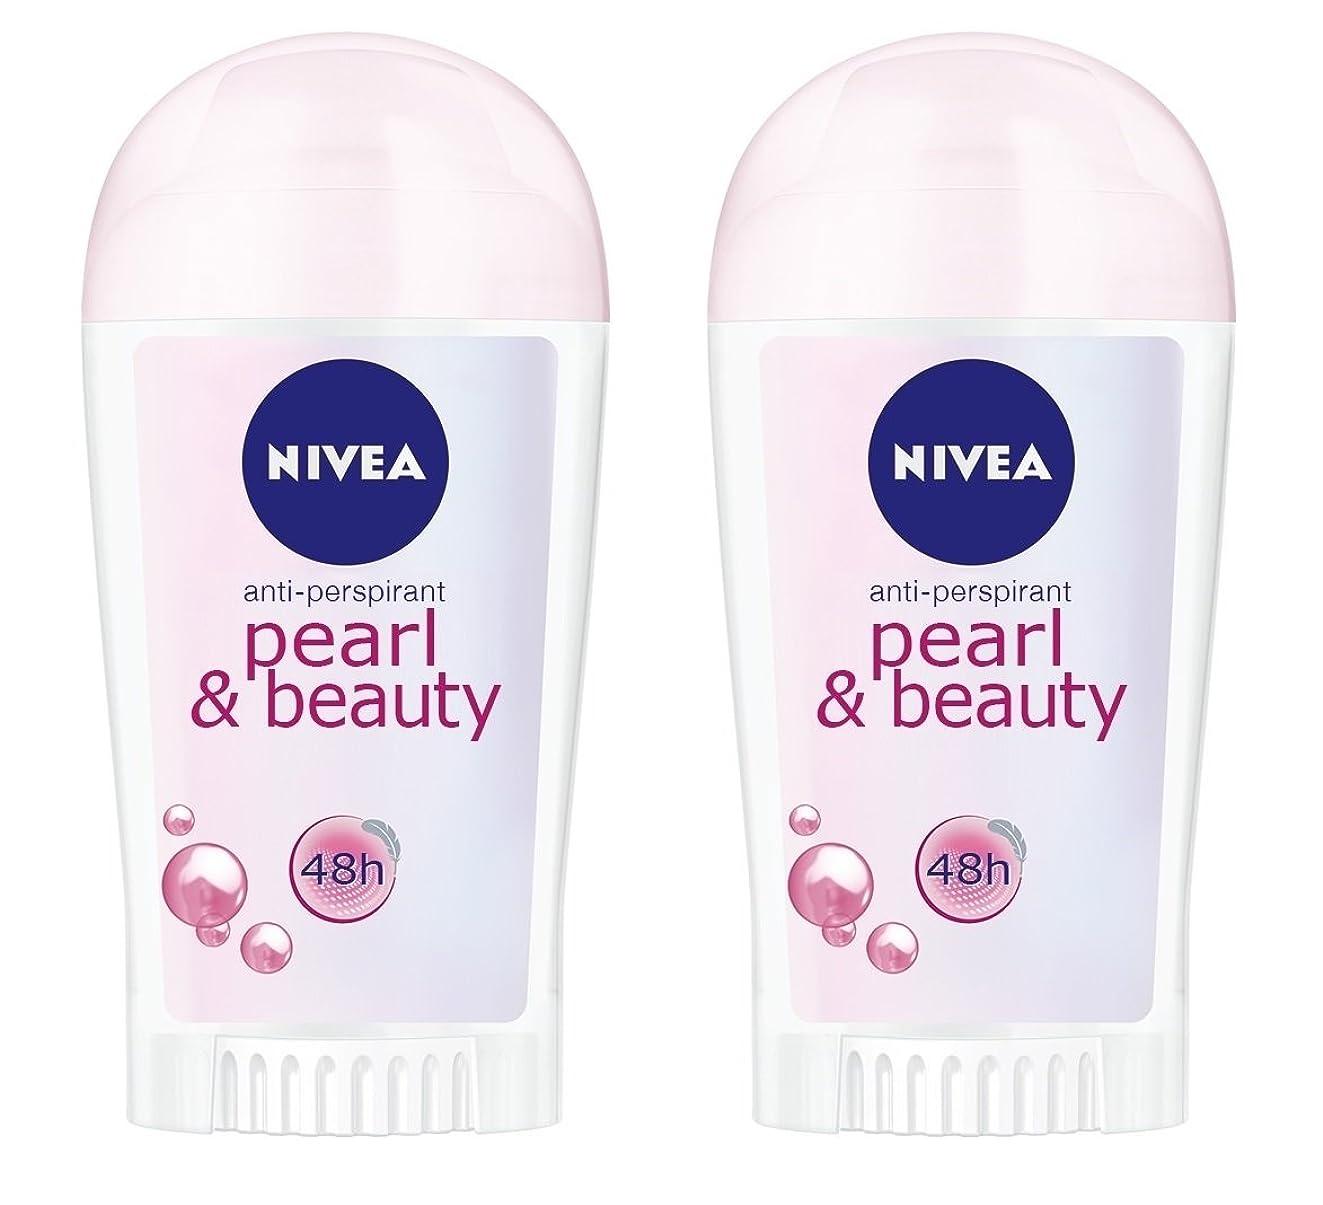 推測する落とし穴検索(2パック) ニベアパールそしてビューティー制汗剤デオドラントスティック女性のための2x40ml - (Pack of 2) Nivea Pearl & Beauty Anti-perspirant Deodorant Stick for Women 2x40ml